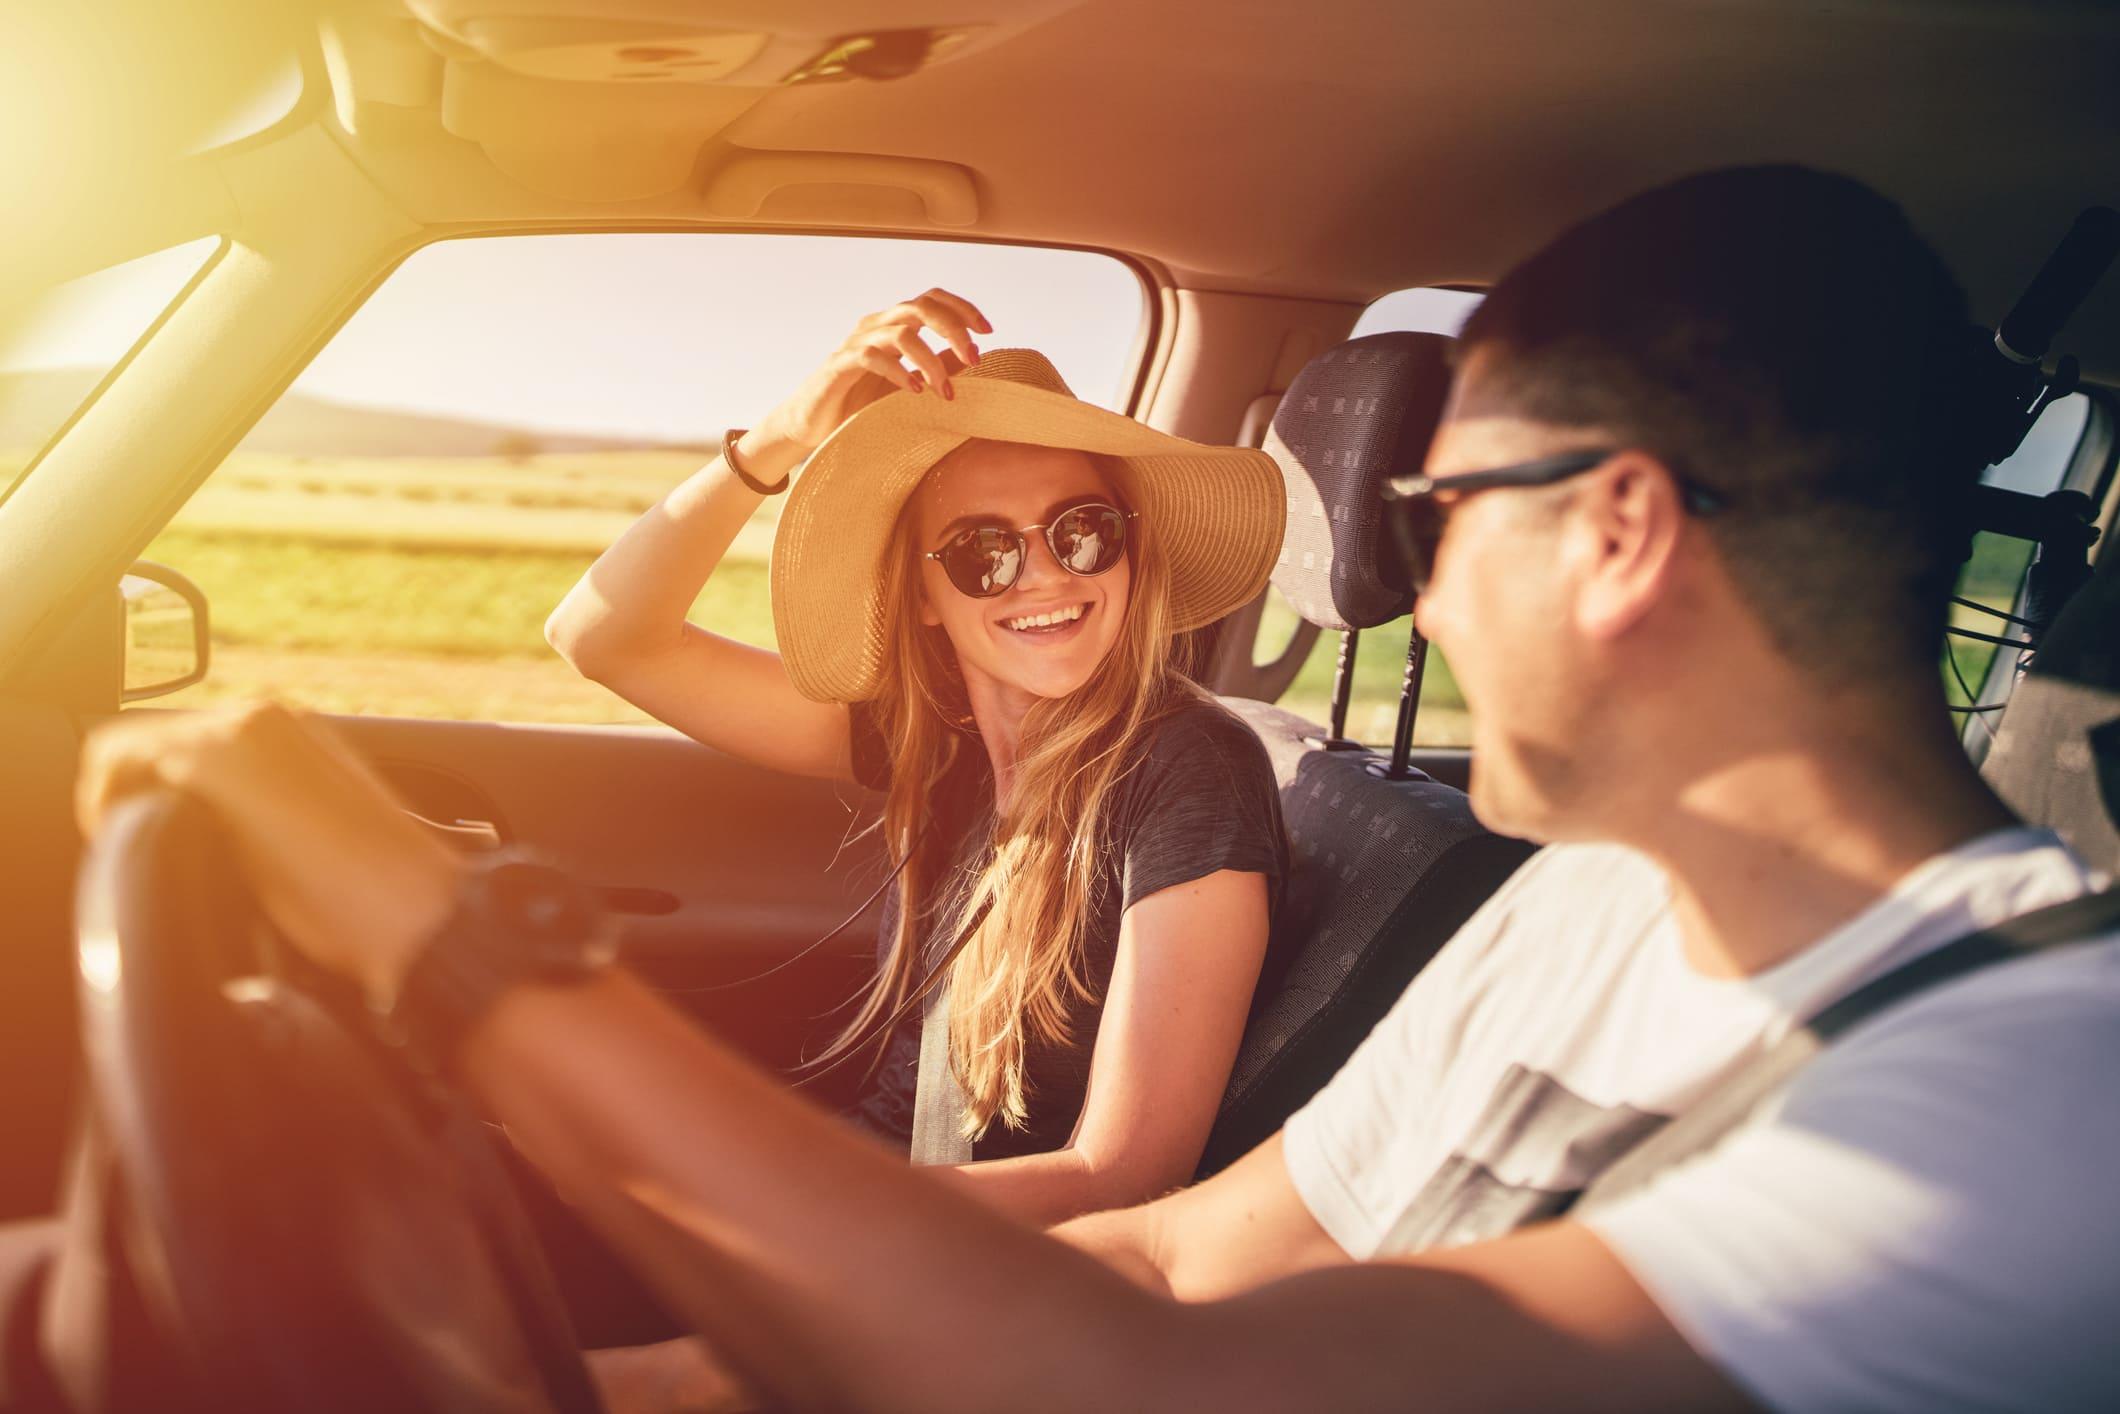 Viajar de carro: será que vale a apena? Confira os prós e contras